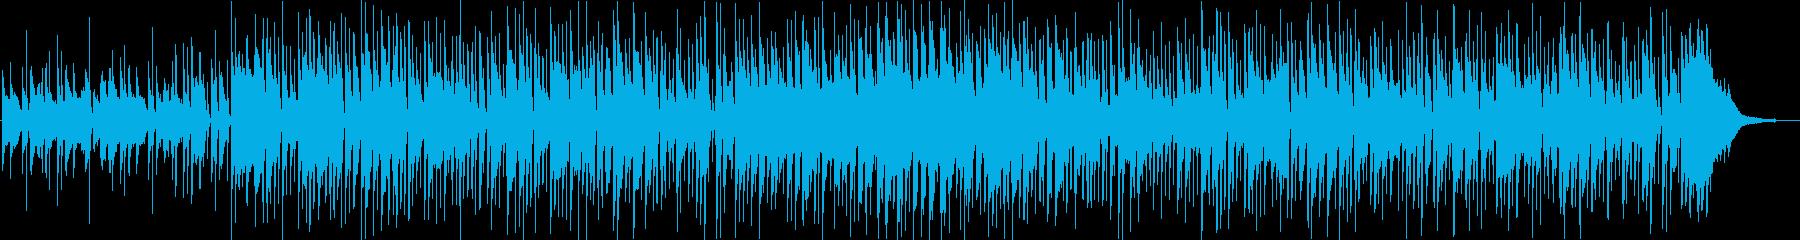 穏やかな雰囲気のボサノバ/メロ抜きverの再生済みの波形